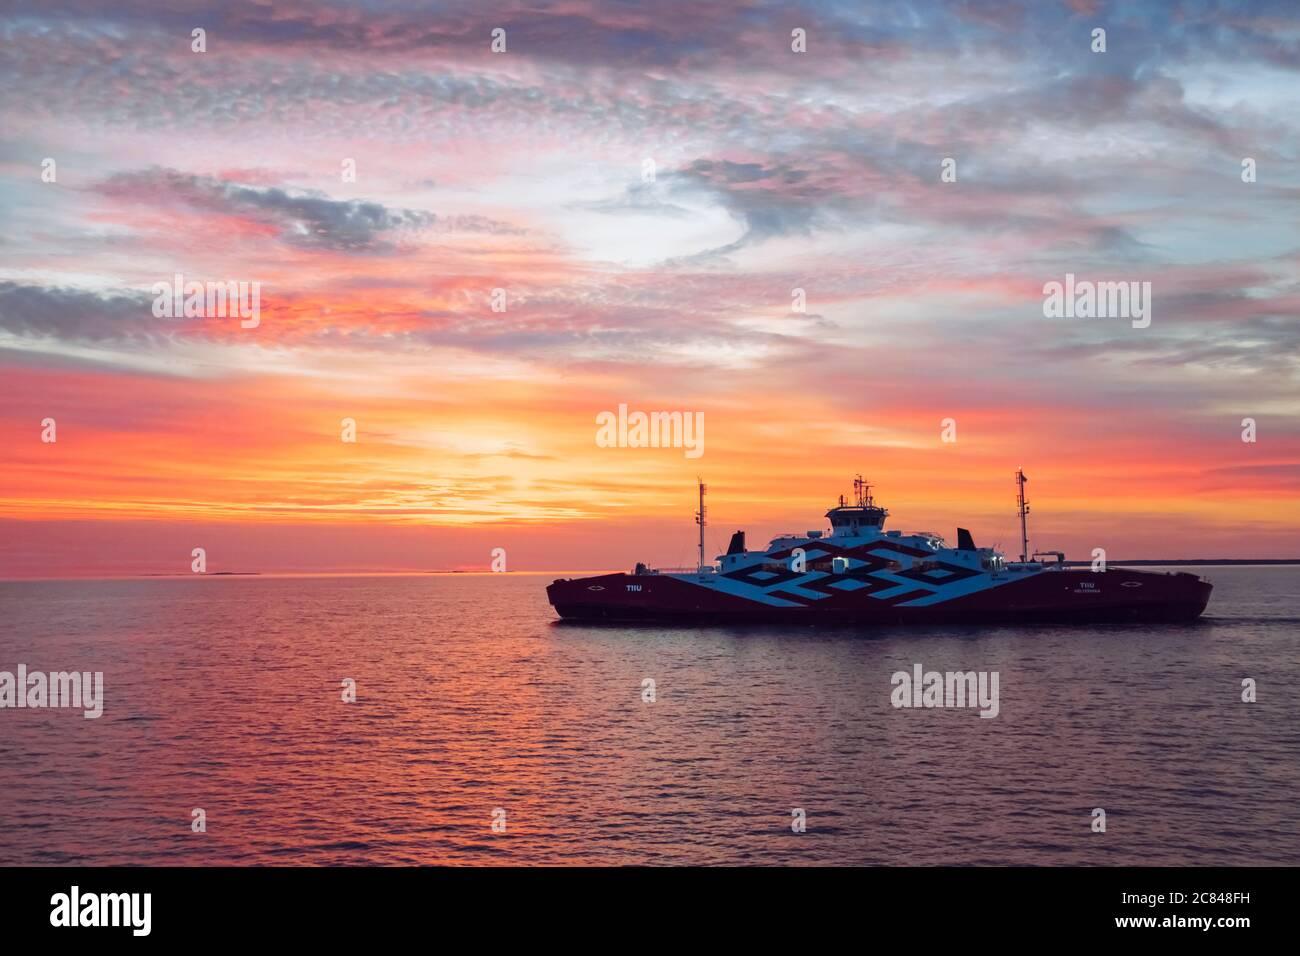 Mer Baltique, Hiiumaa/ Estonie-19JUL2020: Ferry appelé Tiiu entre Hiiumaa (port d'Heltermaa) et le continent estonien ( Rohuküla, Rohukula) en mer. Banque D'Images